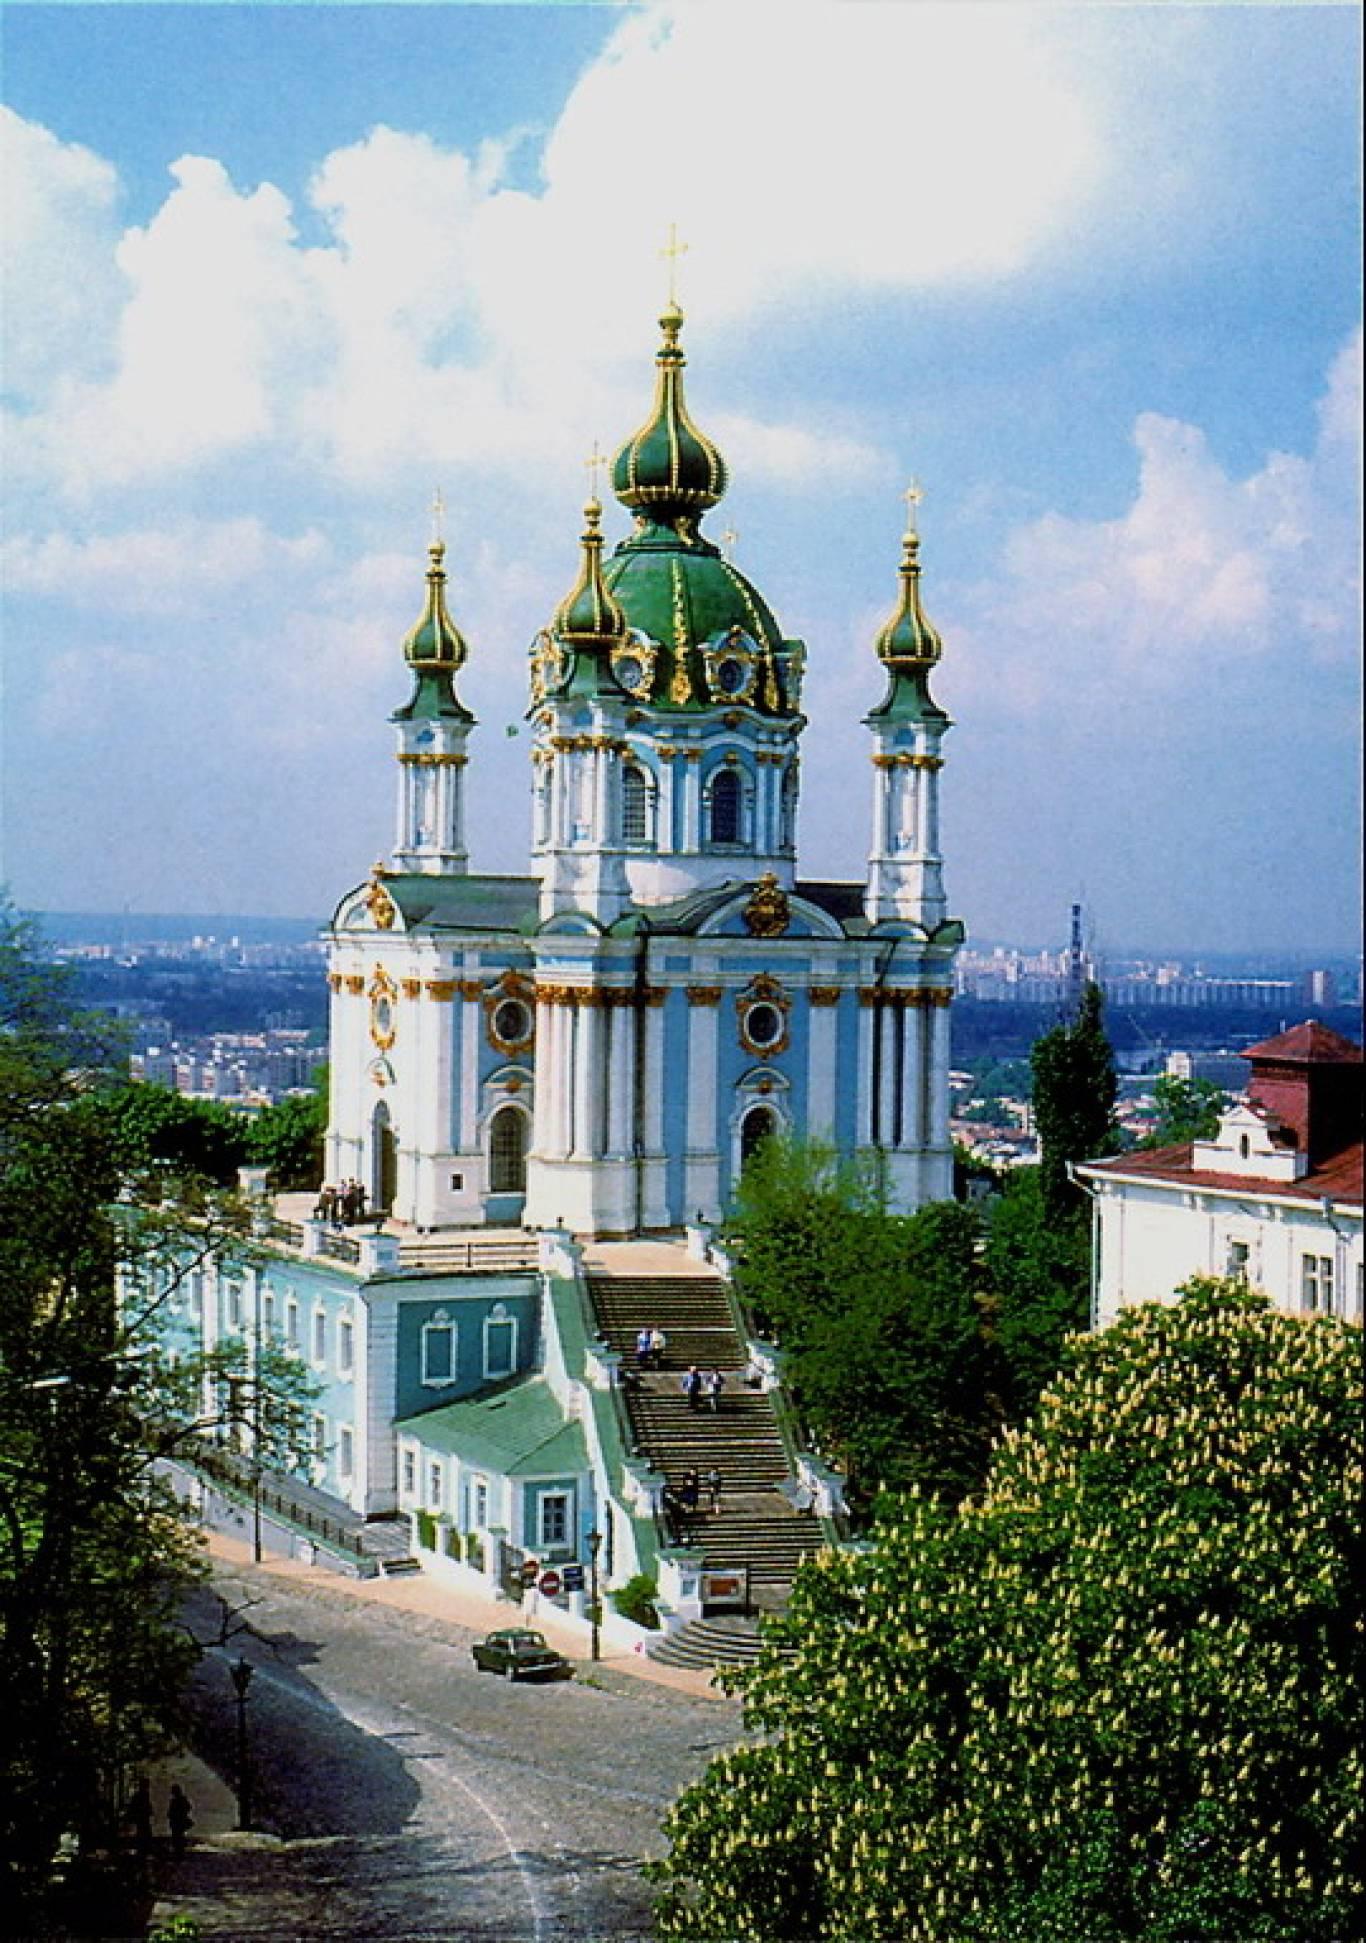 Обзорная экскурсия на автобусе: достопримечательности Киева